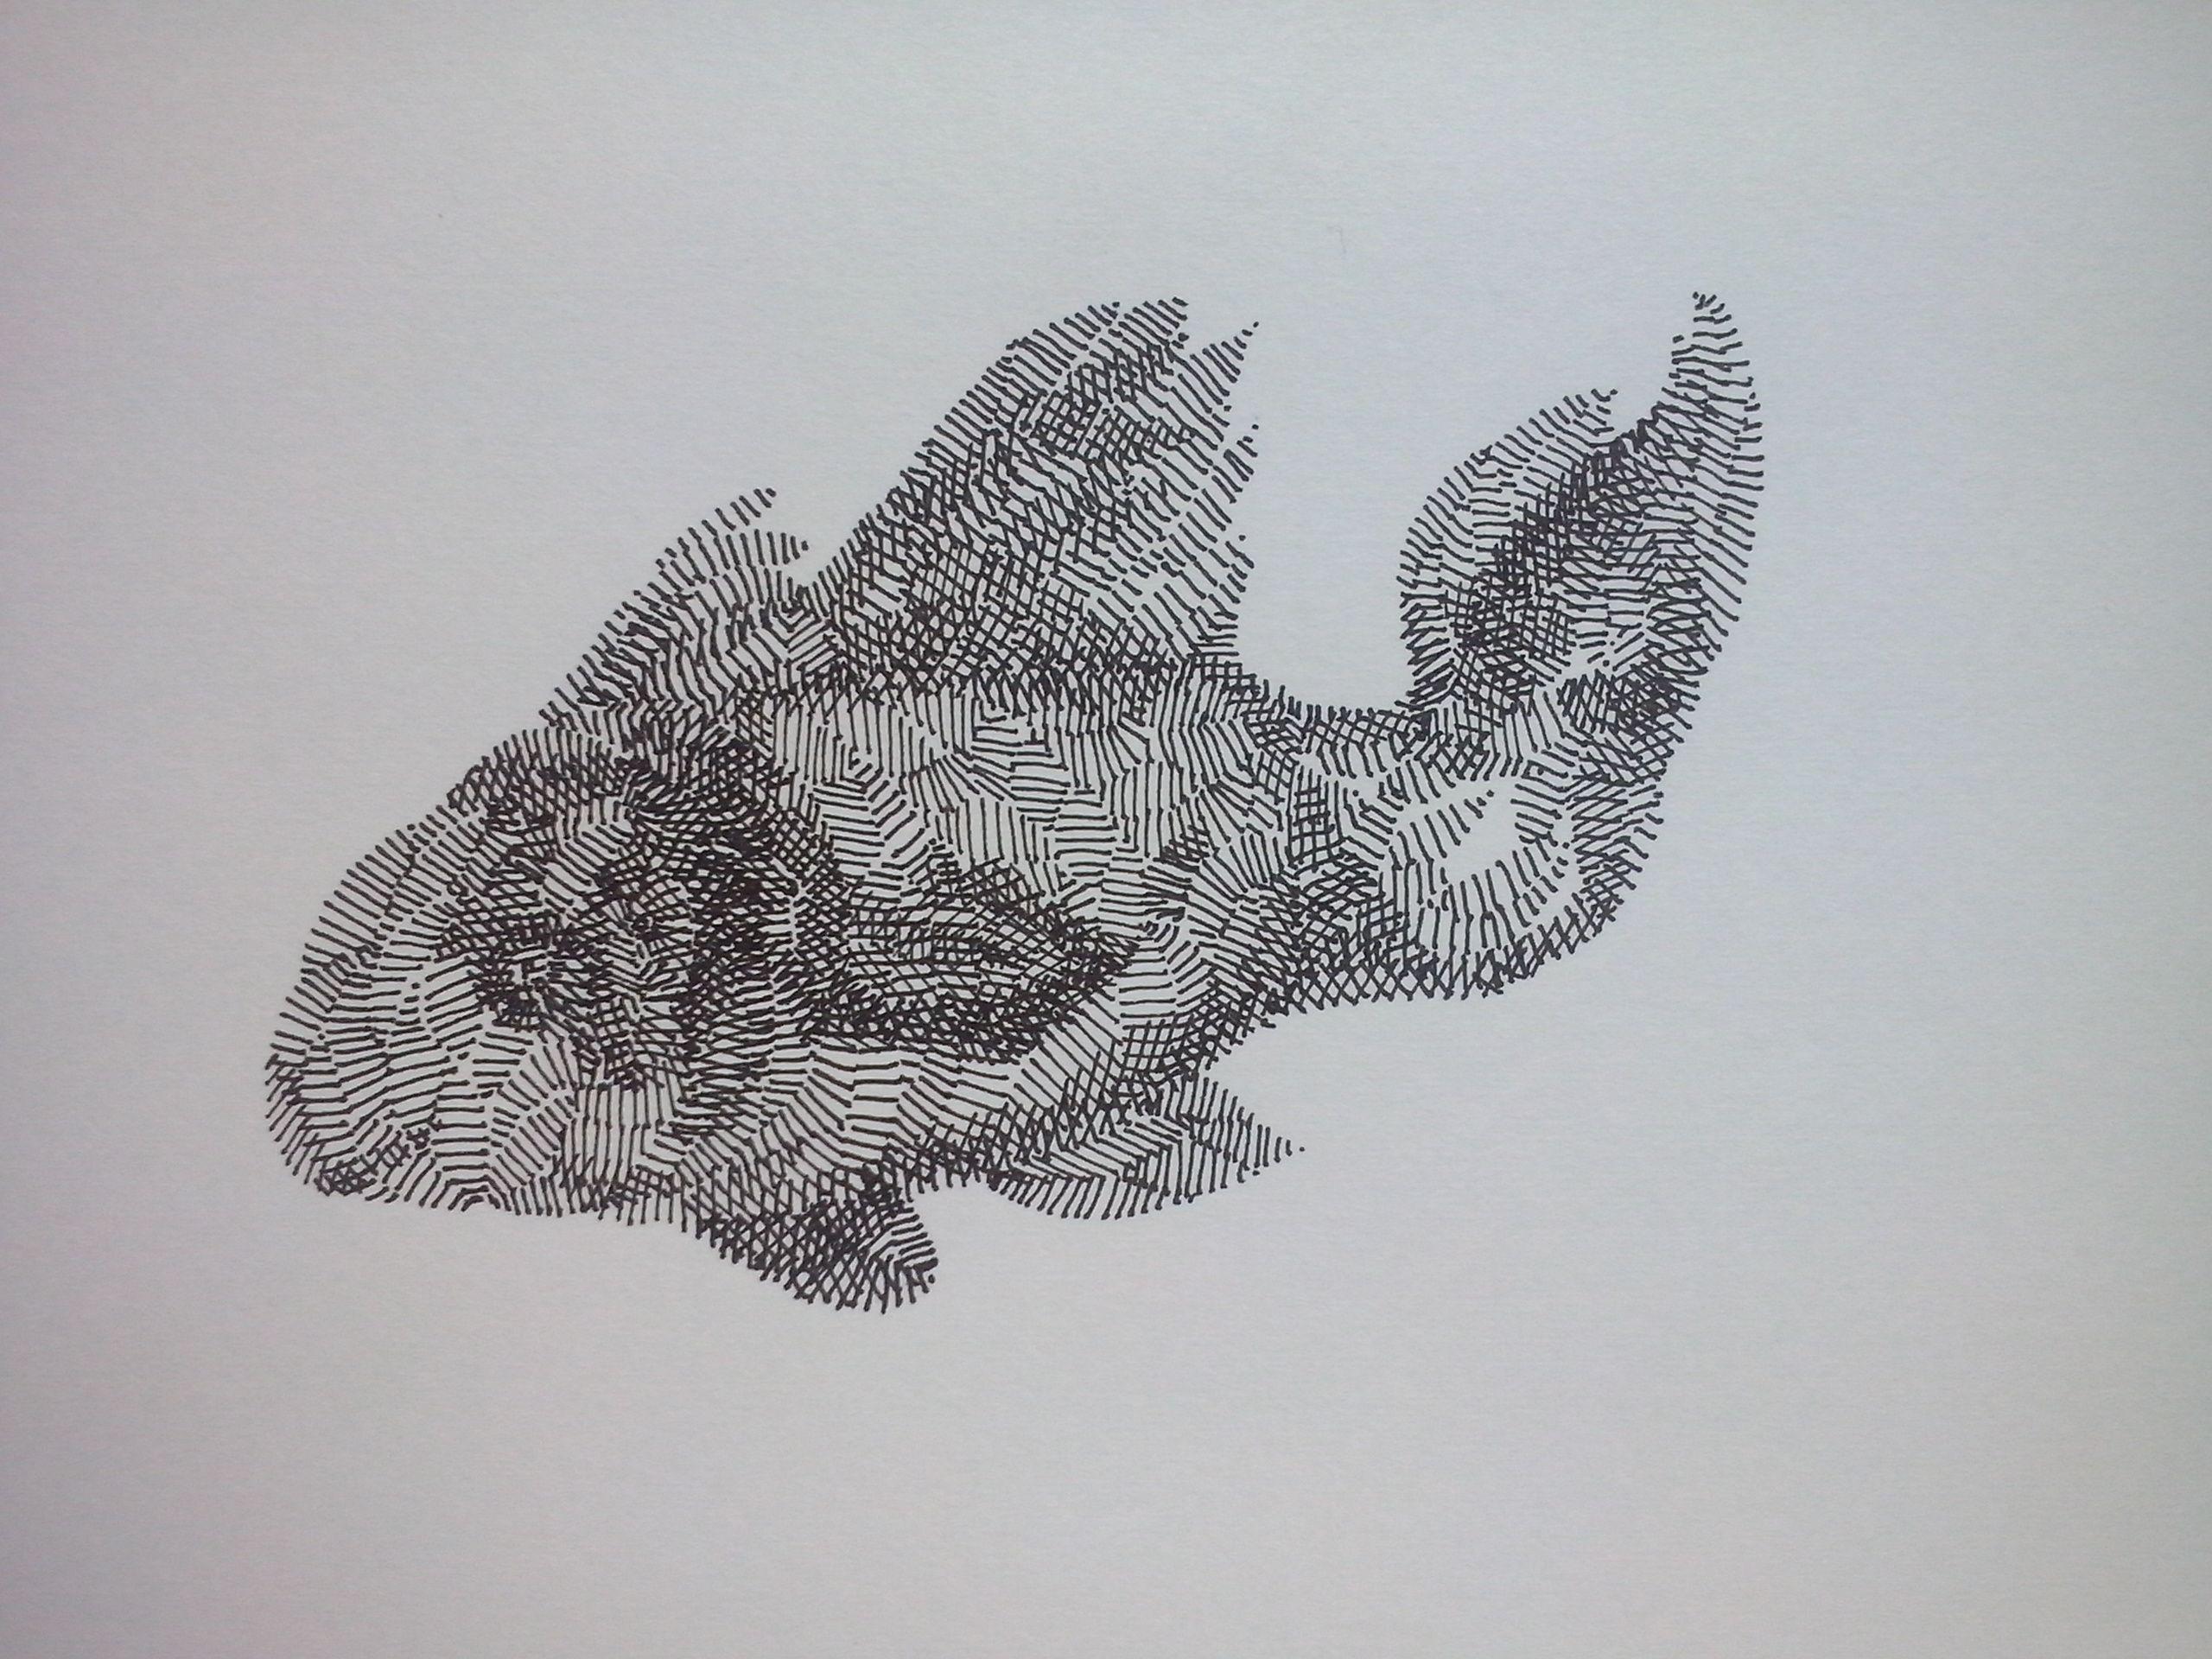 El pez el pez